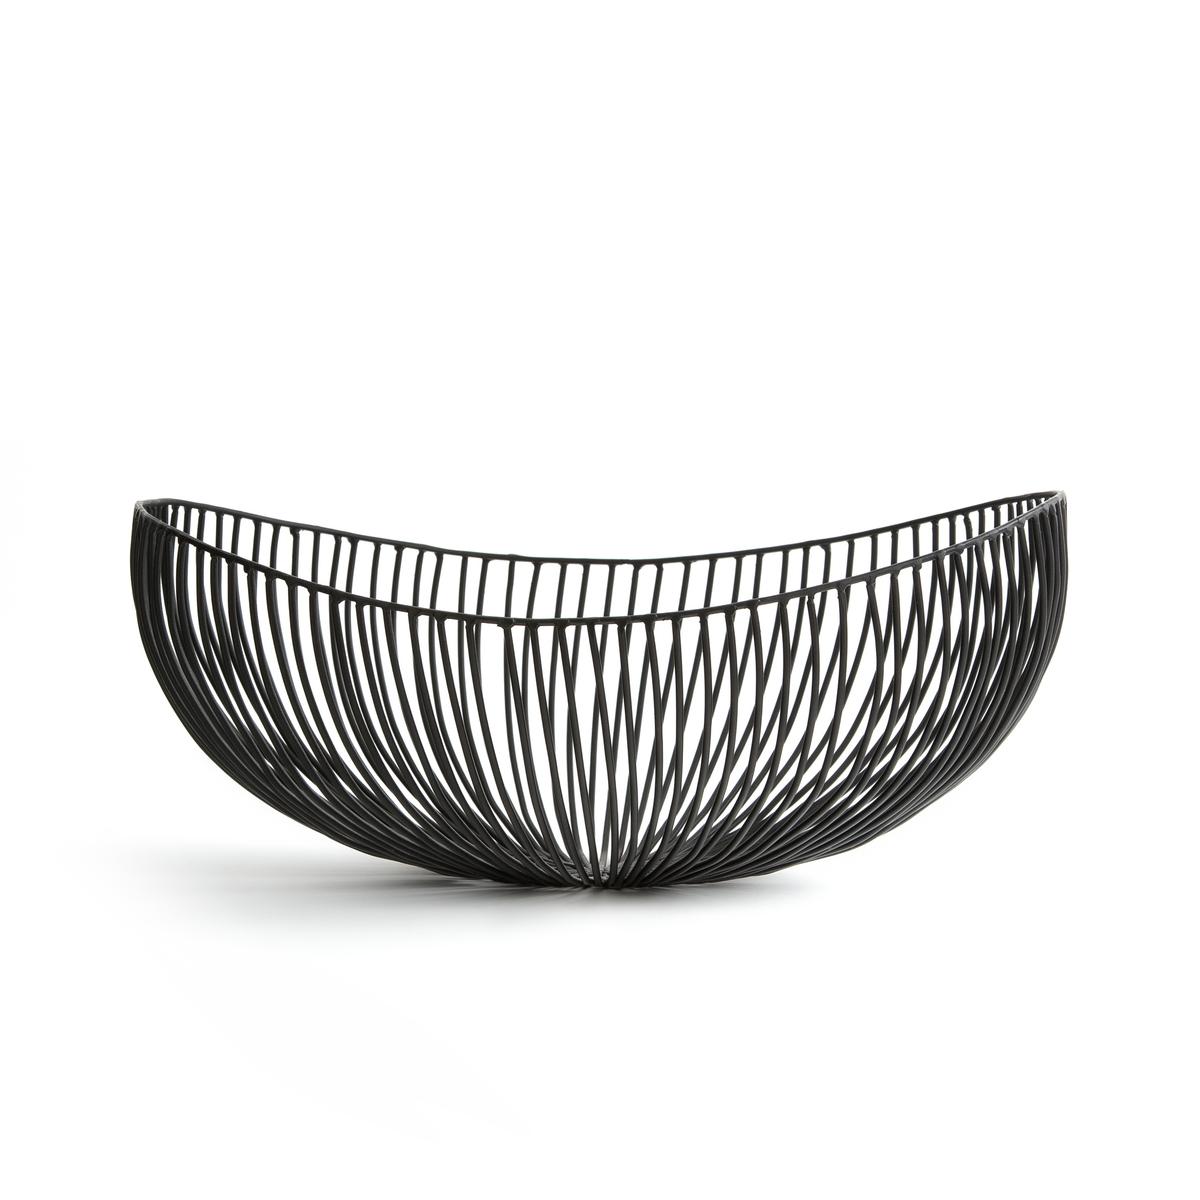 Корзина ToweliКорзина Toweli из металлической сетки. Размеры: - Ш.37 x В.14 x Г.33 см.<br><br>Цвет: черный<br>Размер: единый размер